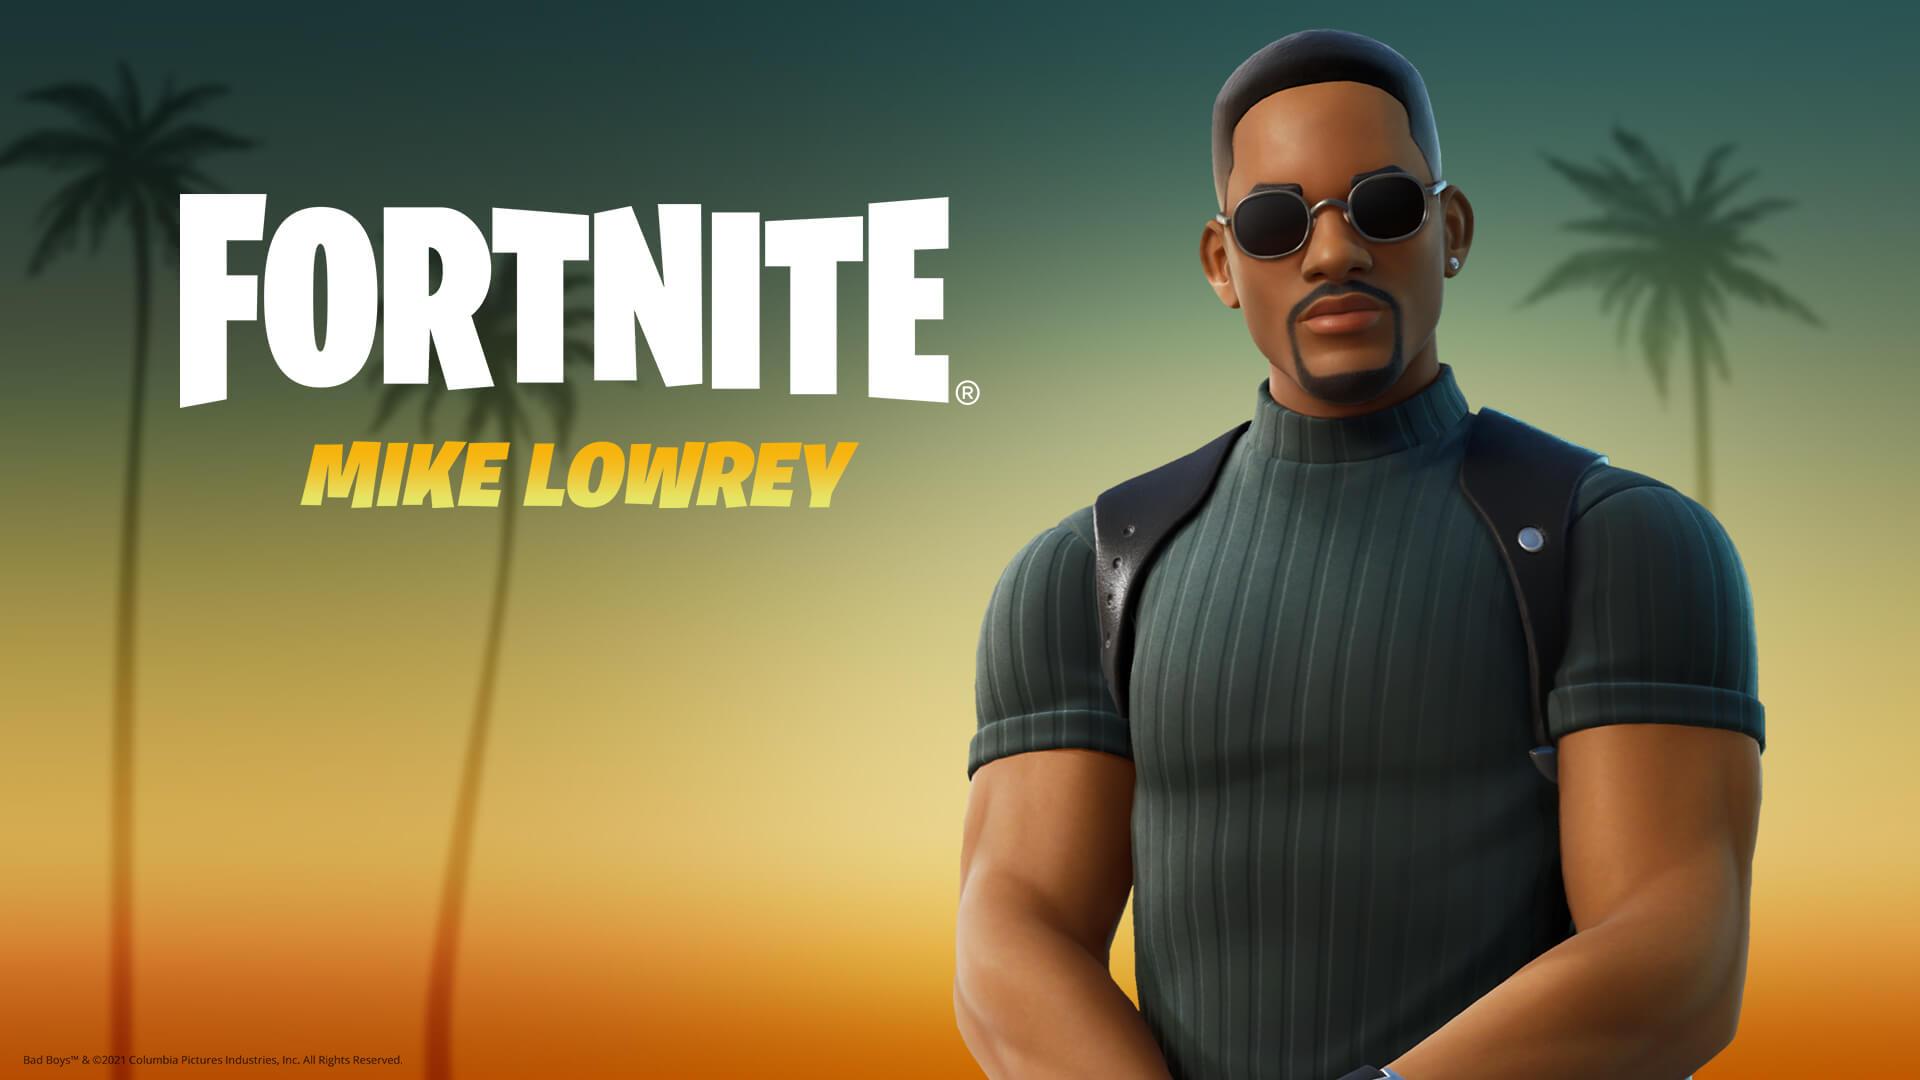 Fortnite Mike Lowrey Social